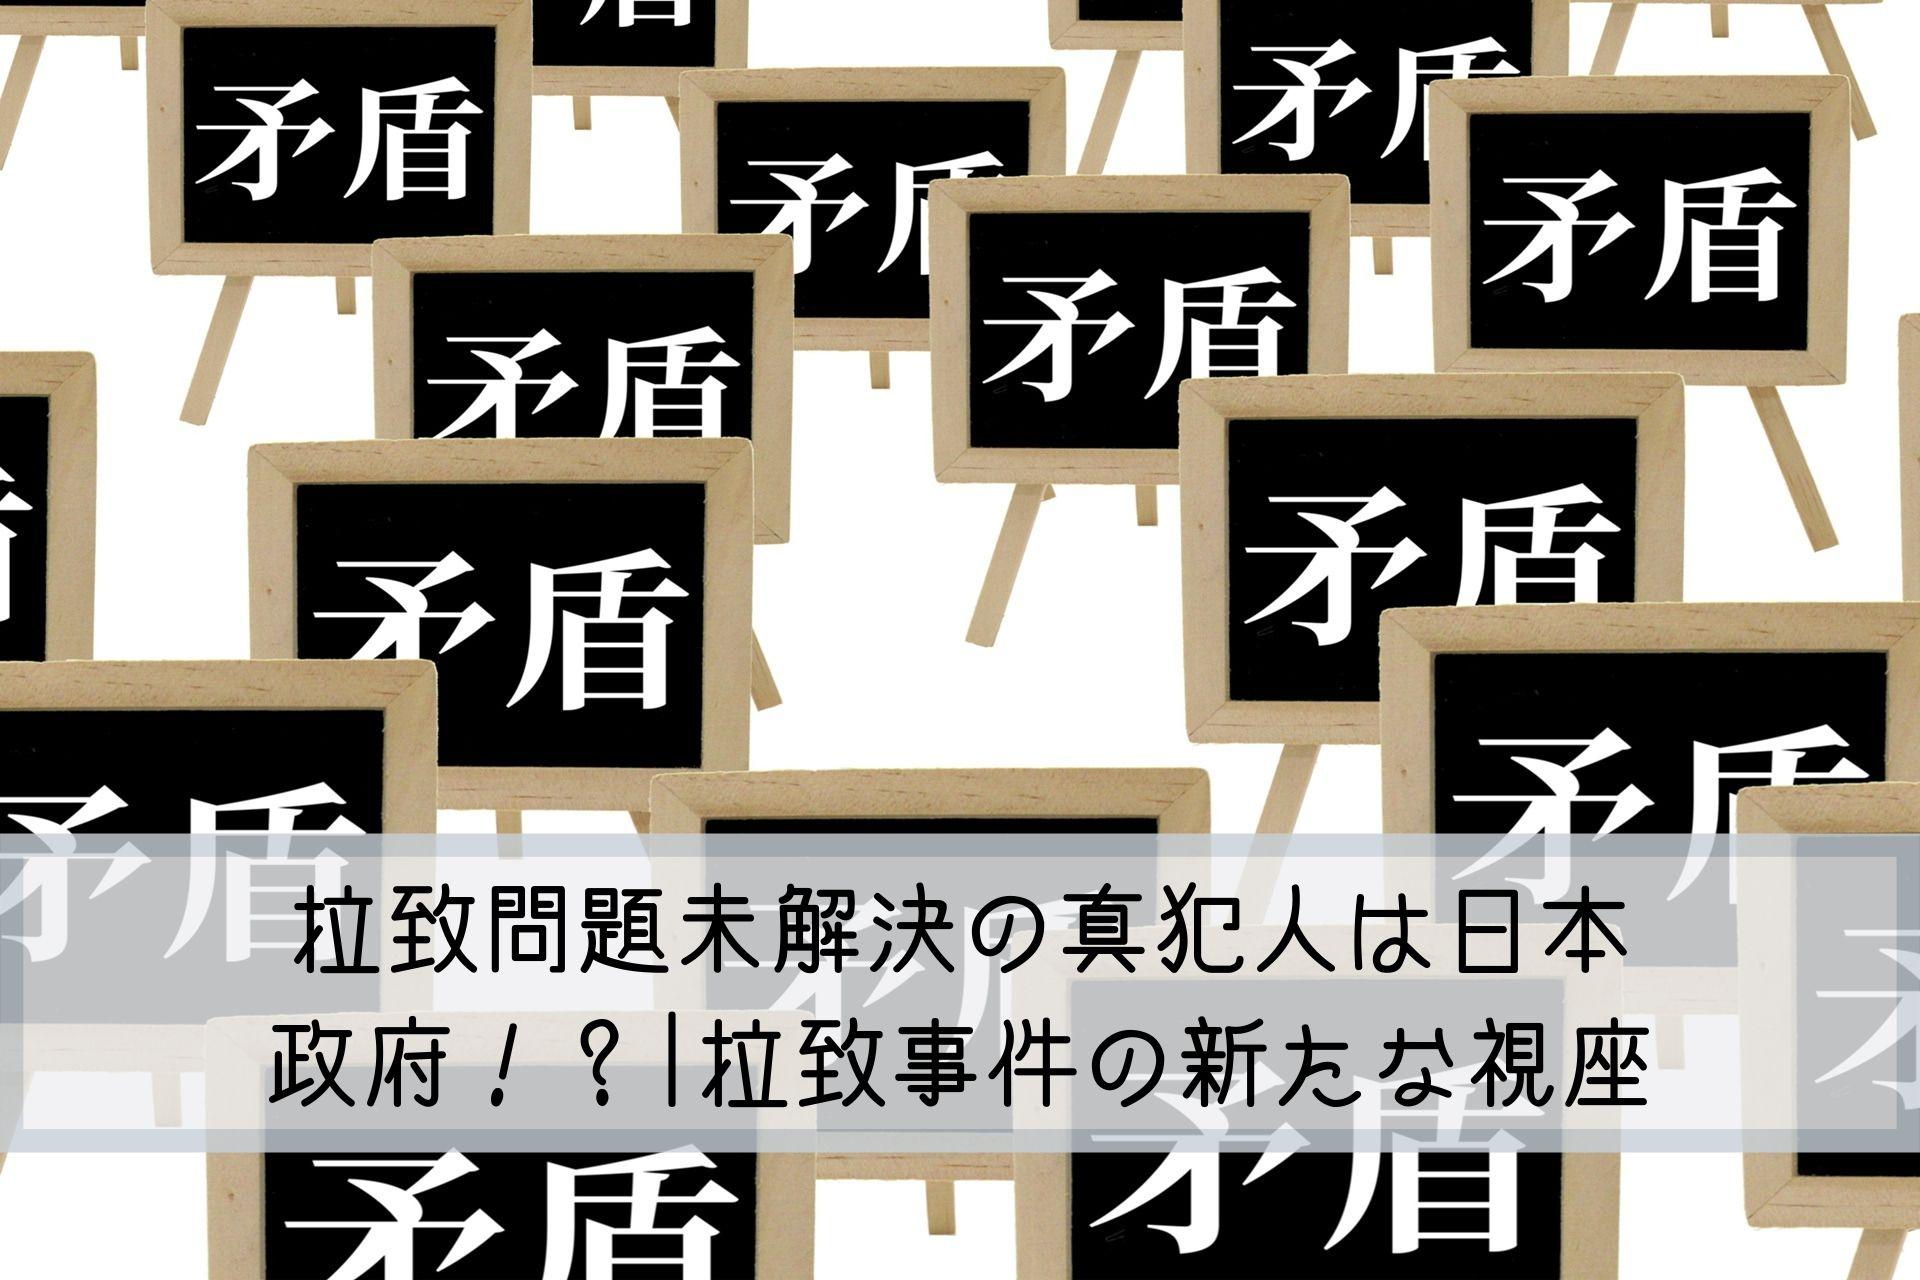 拉致問題未解決の真犯人は日本政府!?拉致事件の新たな視座